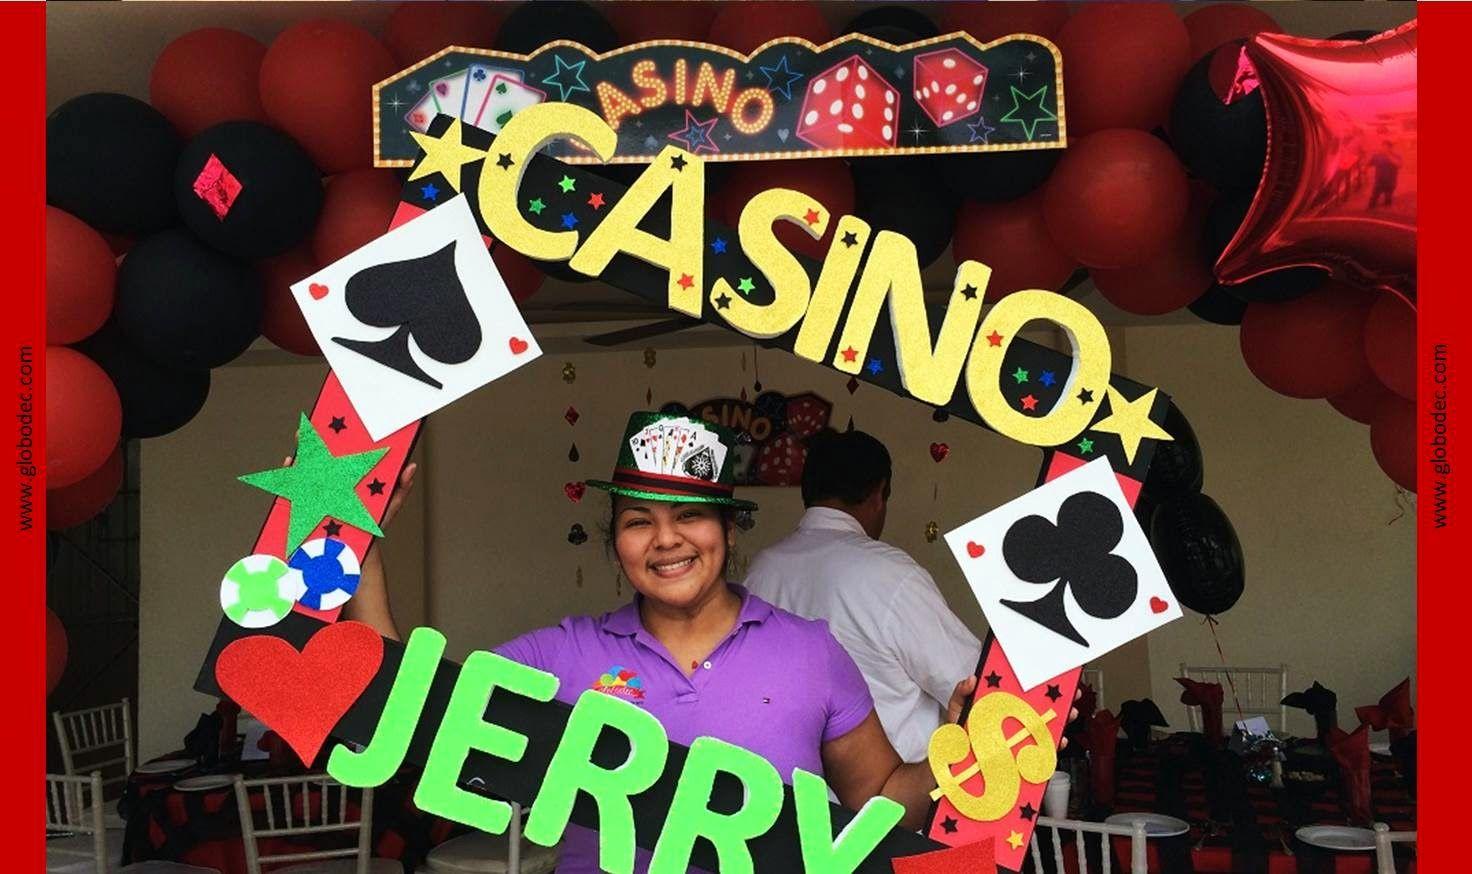 juegos de casino para una fiesta